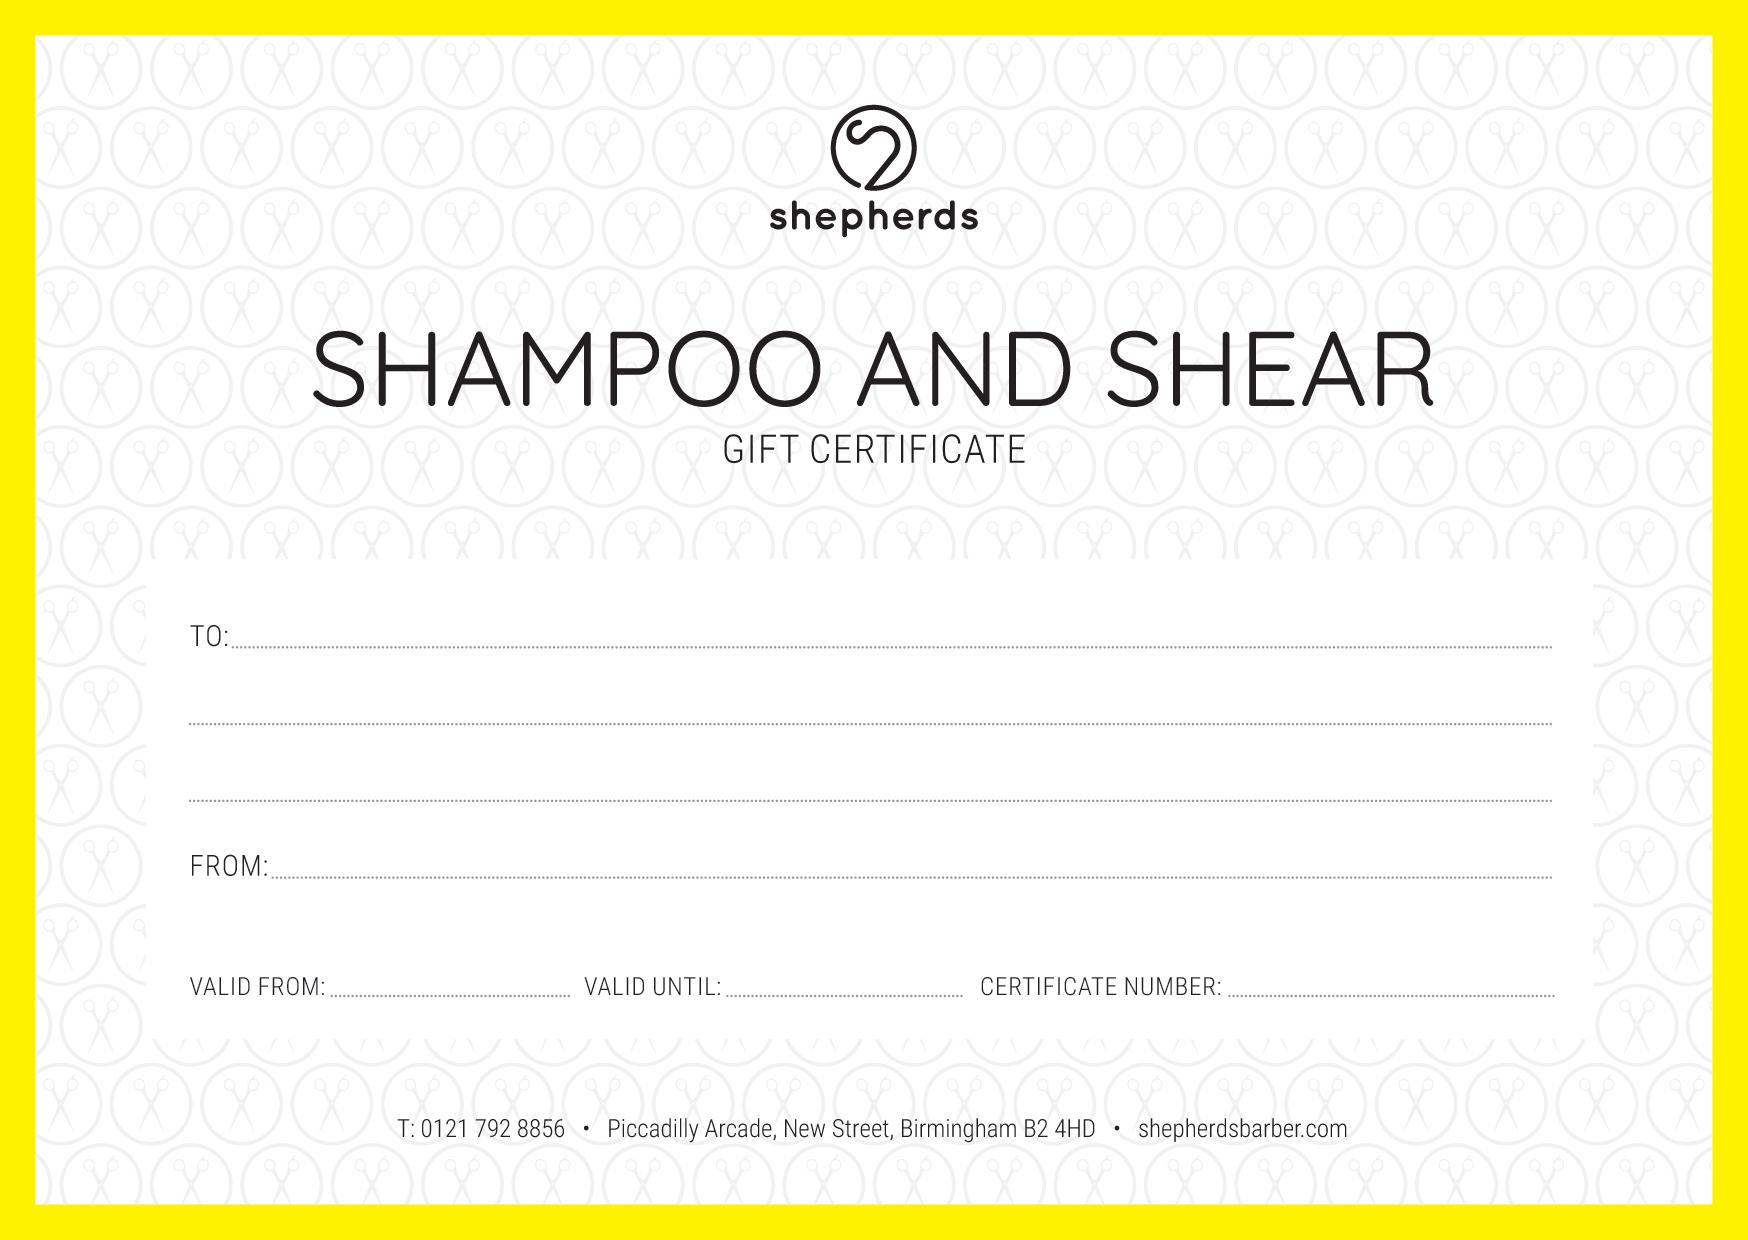 SHAMPOO AND SHEAR